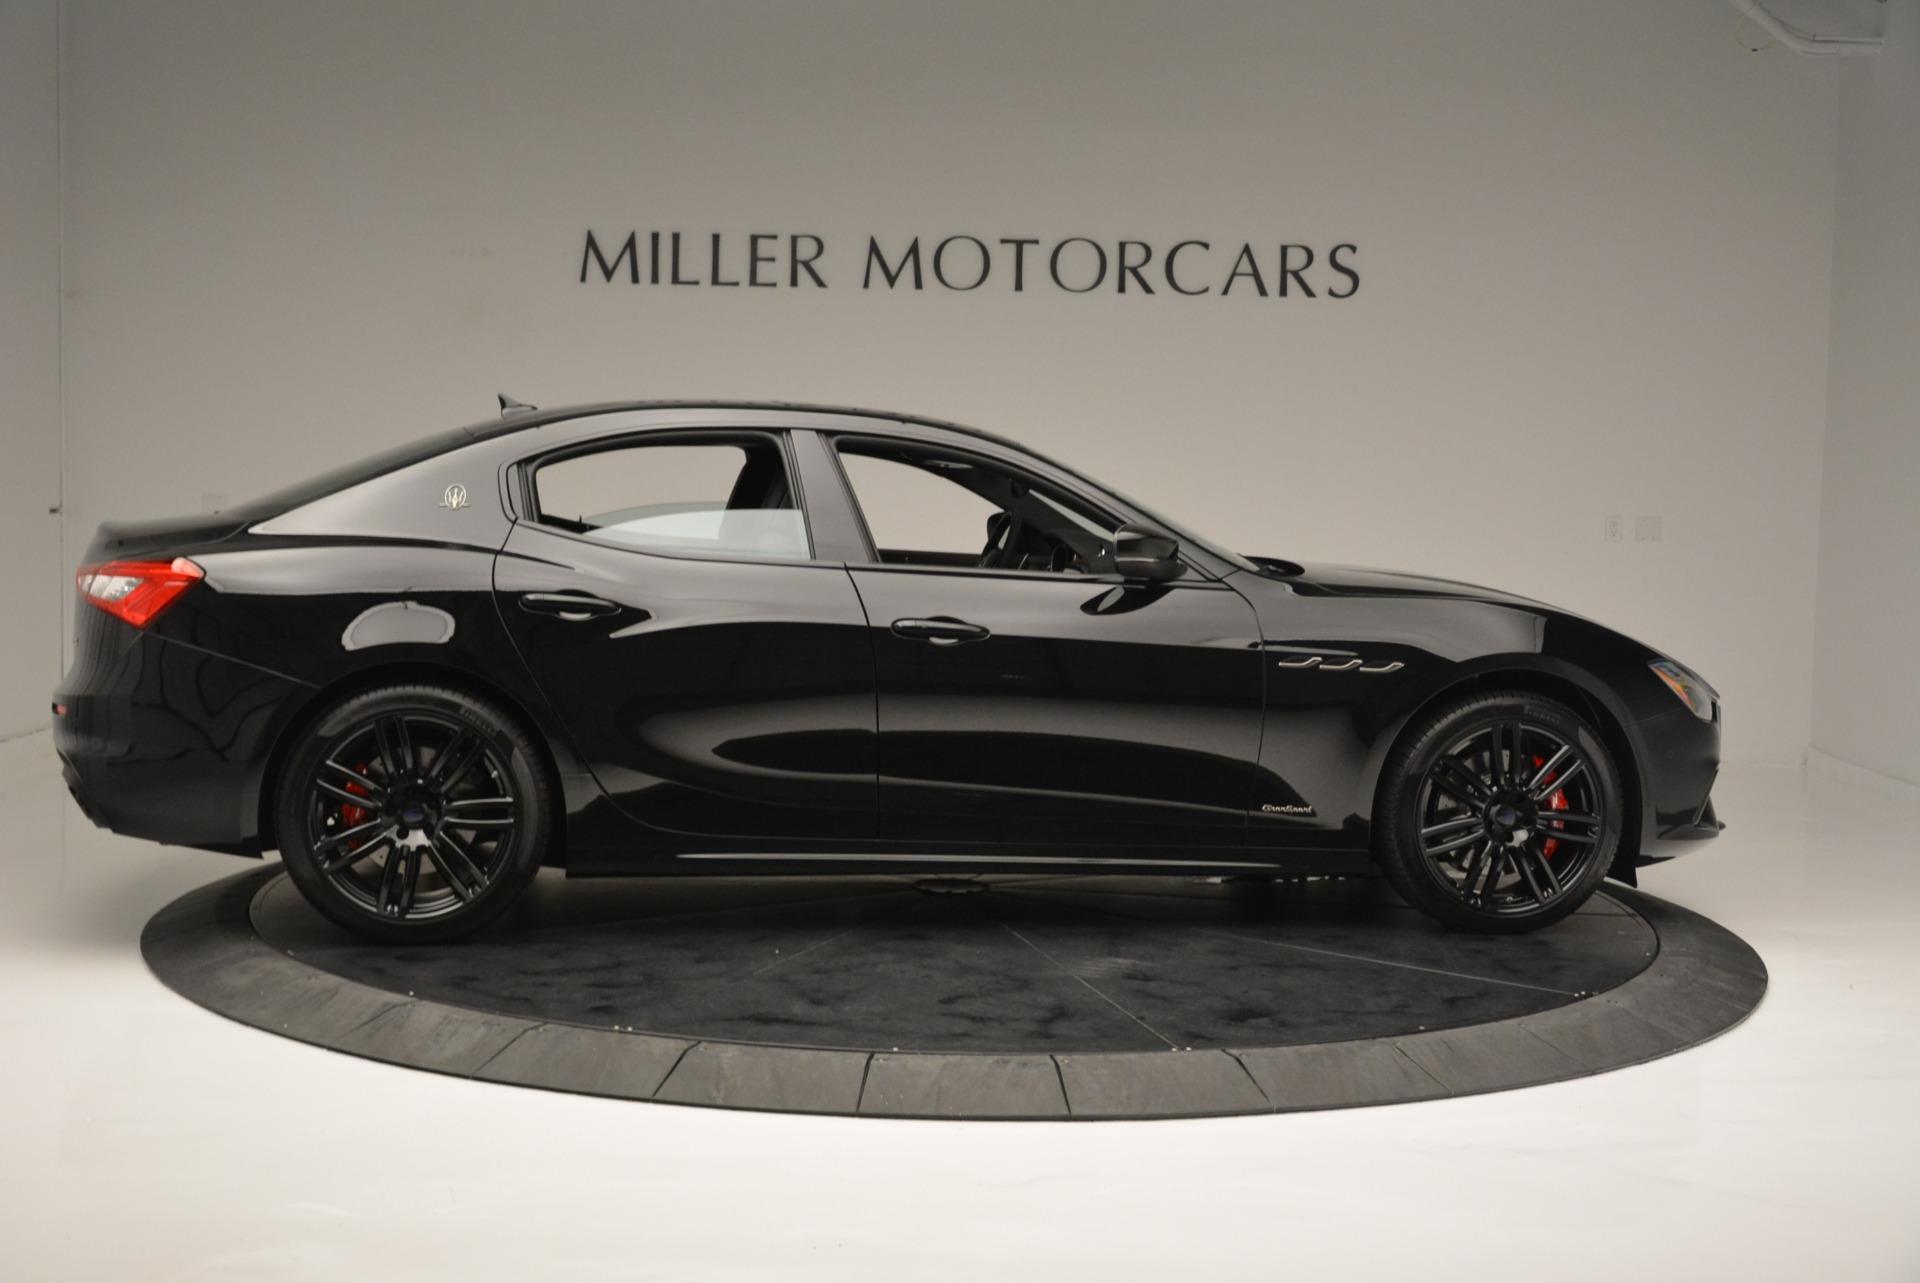 New 2018 Maserati Ghibli SQ4 GranSport Nerissimo For Sale In Greenwich, CT. Alfa Romeo of Greenwich, M2171 2366_p9